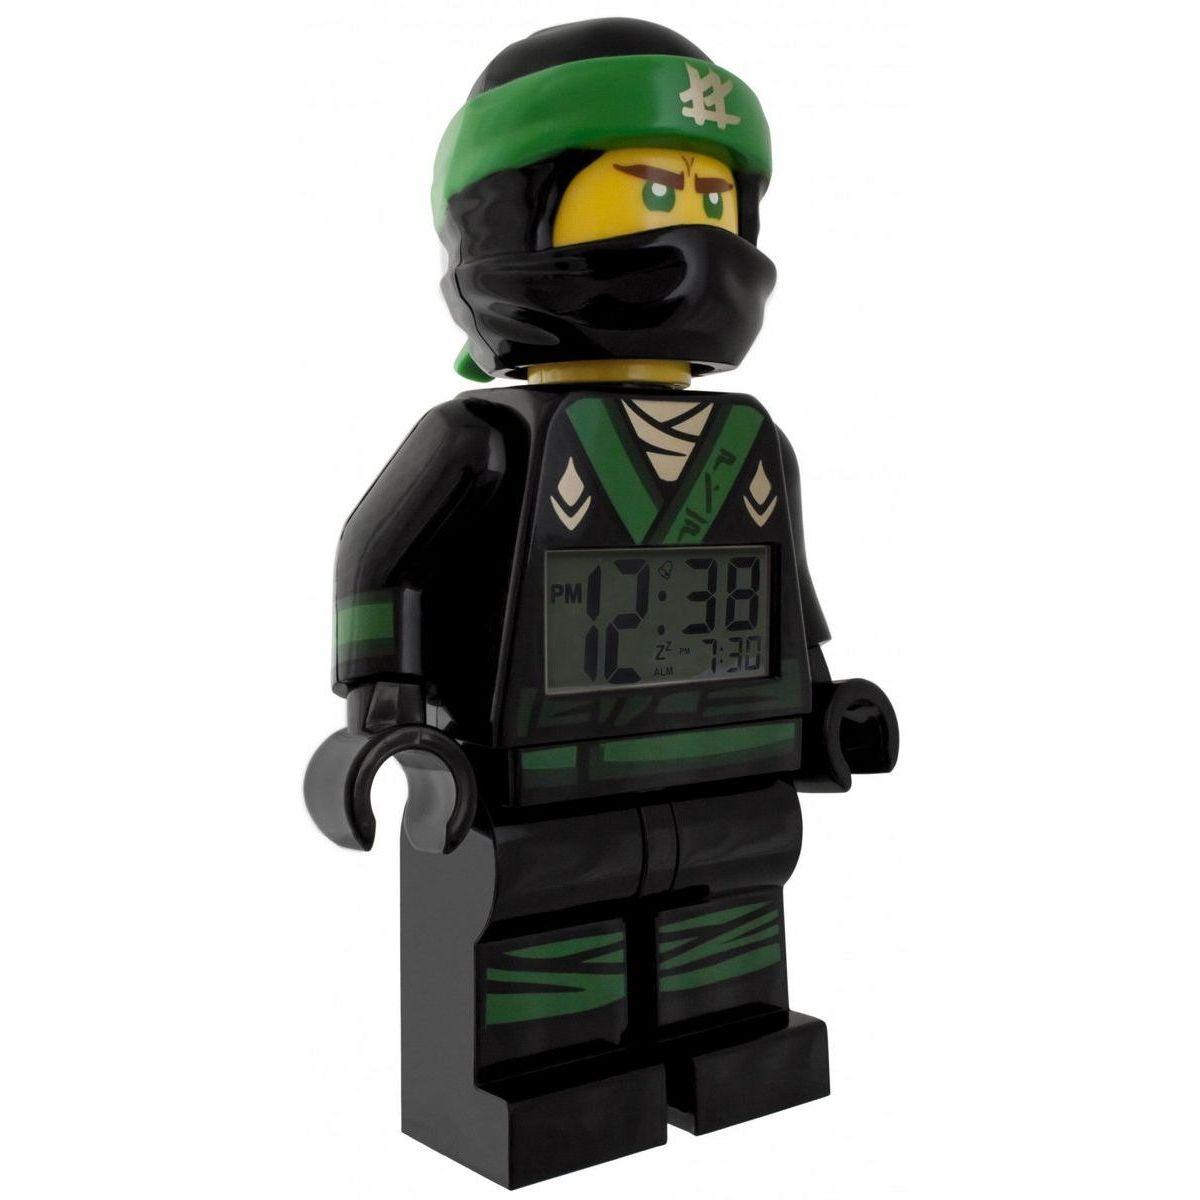 LEGO Ninjago Movie Lloyd hodiny s budíkem